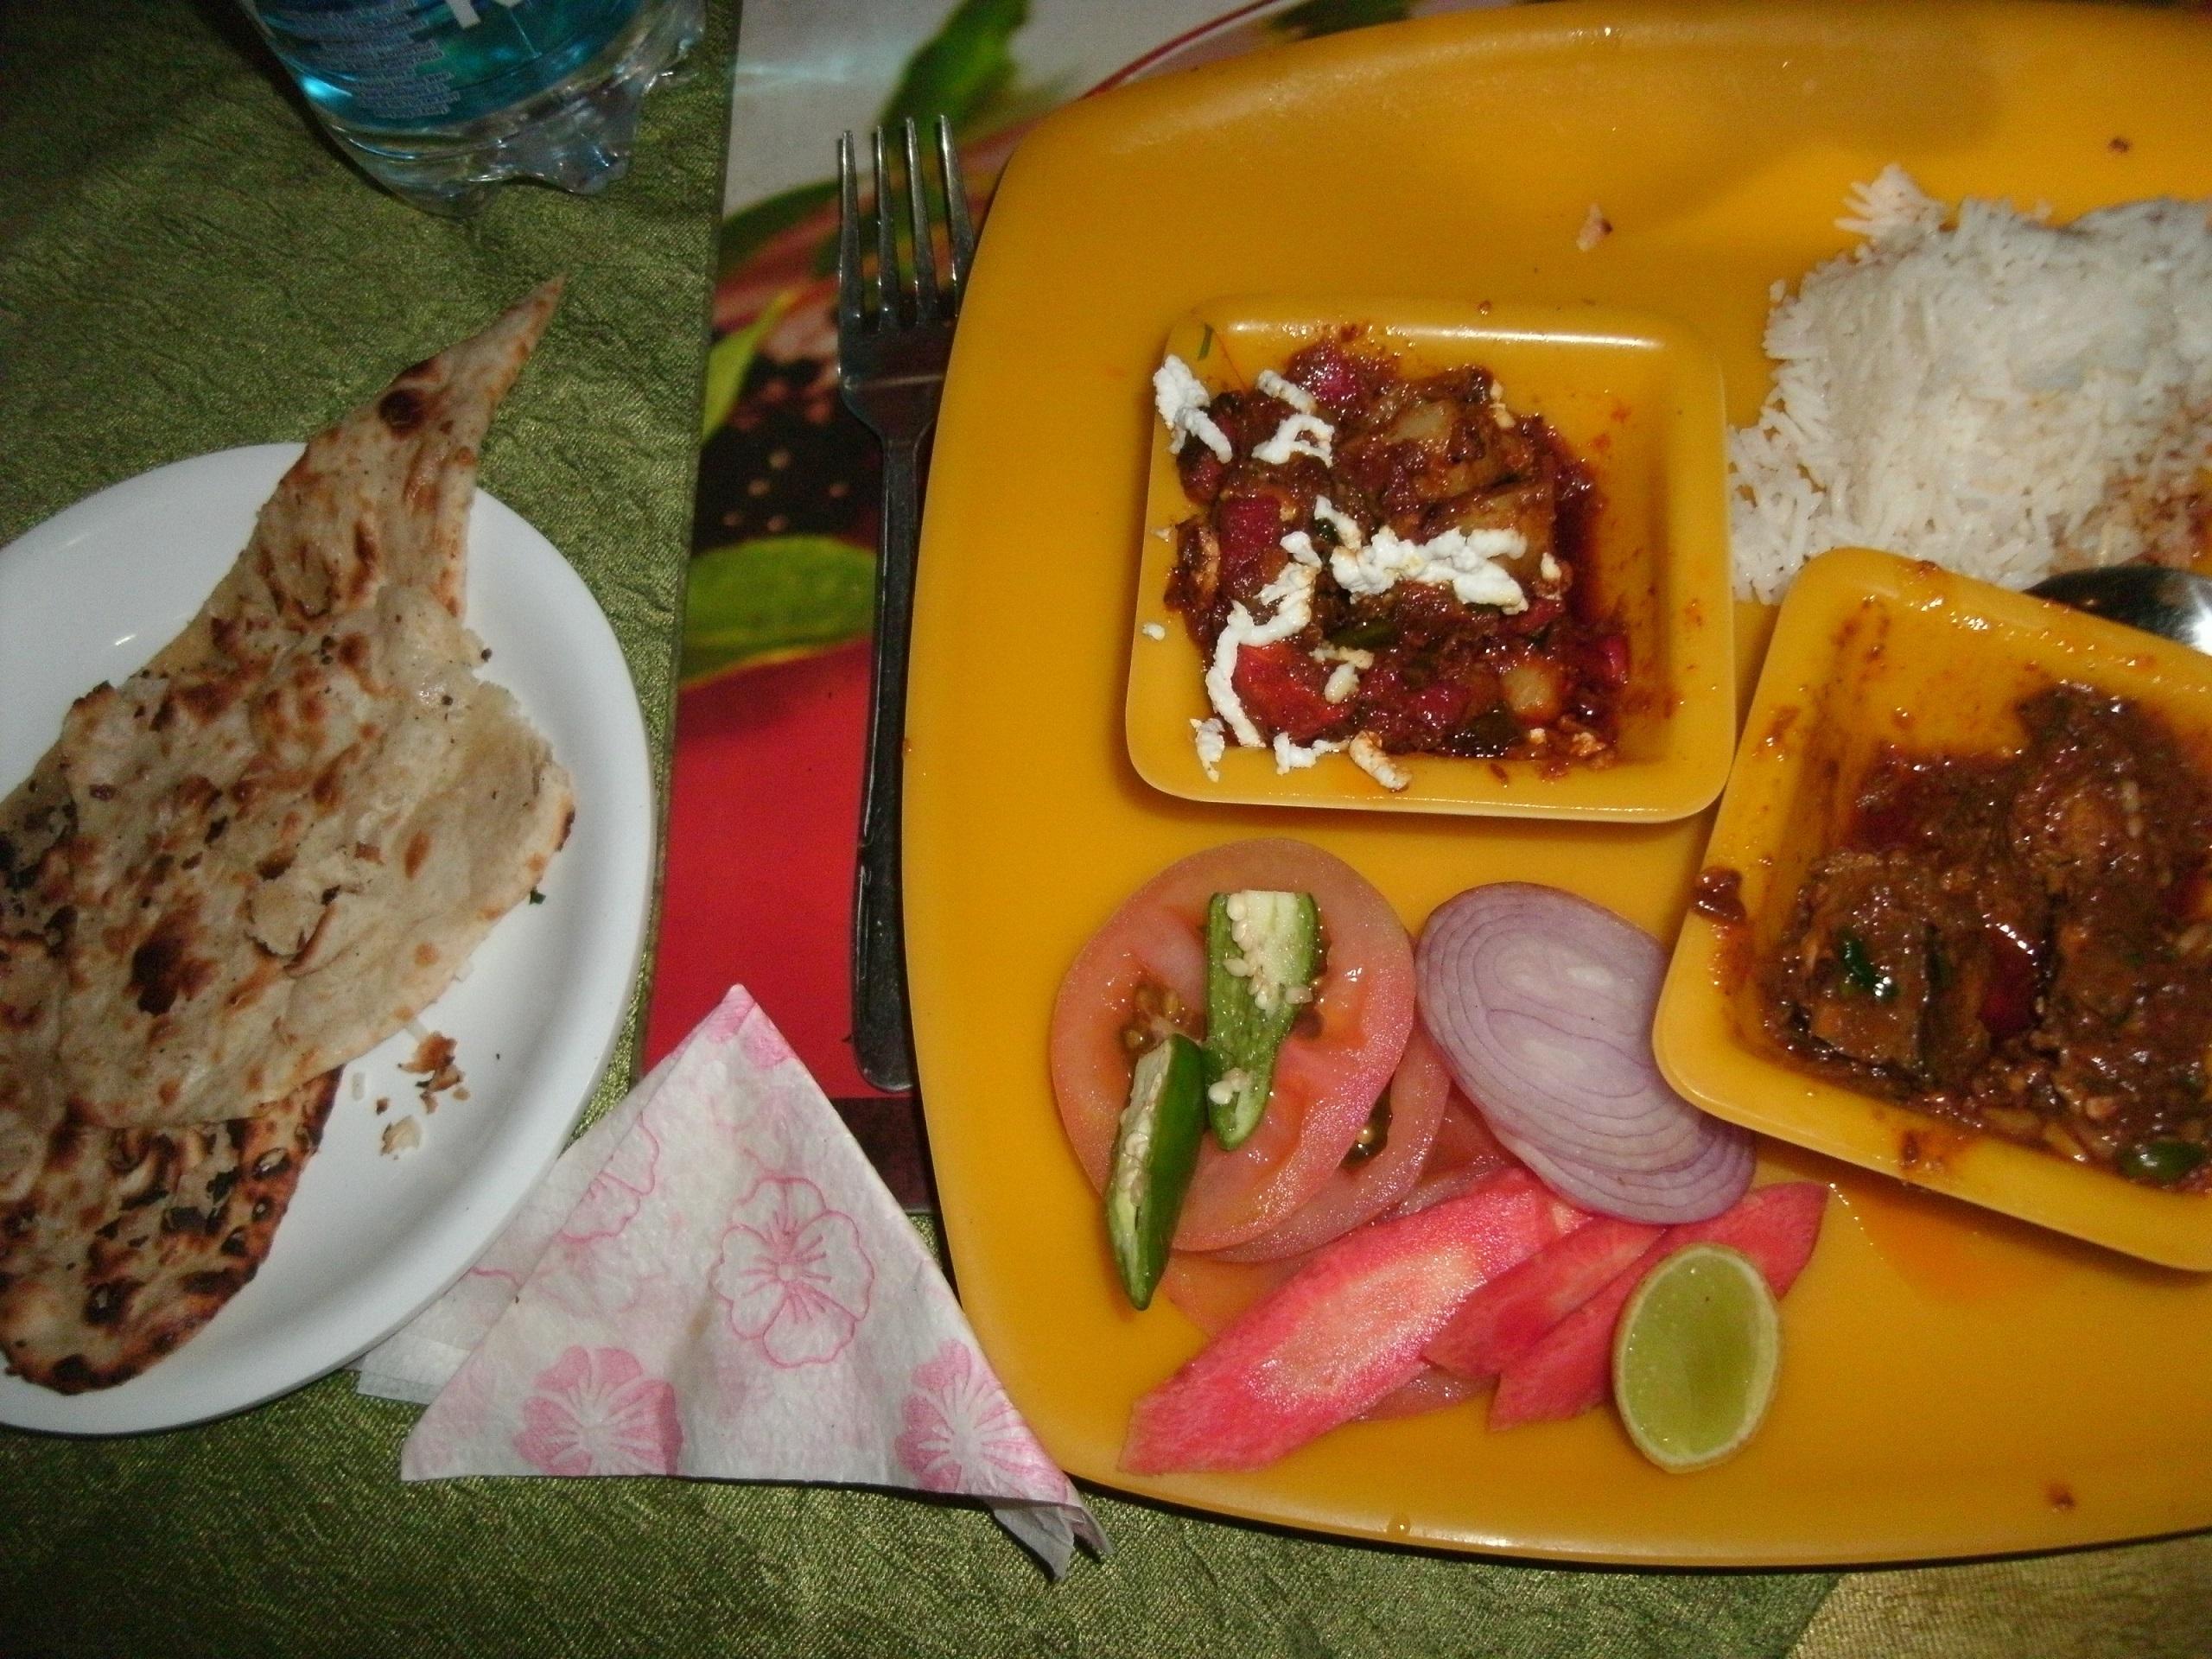 007 banarashi lunch2